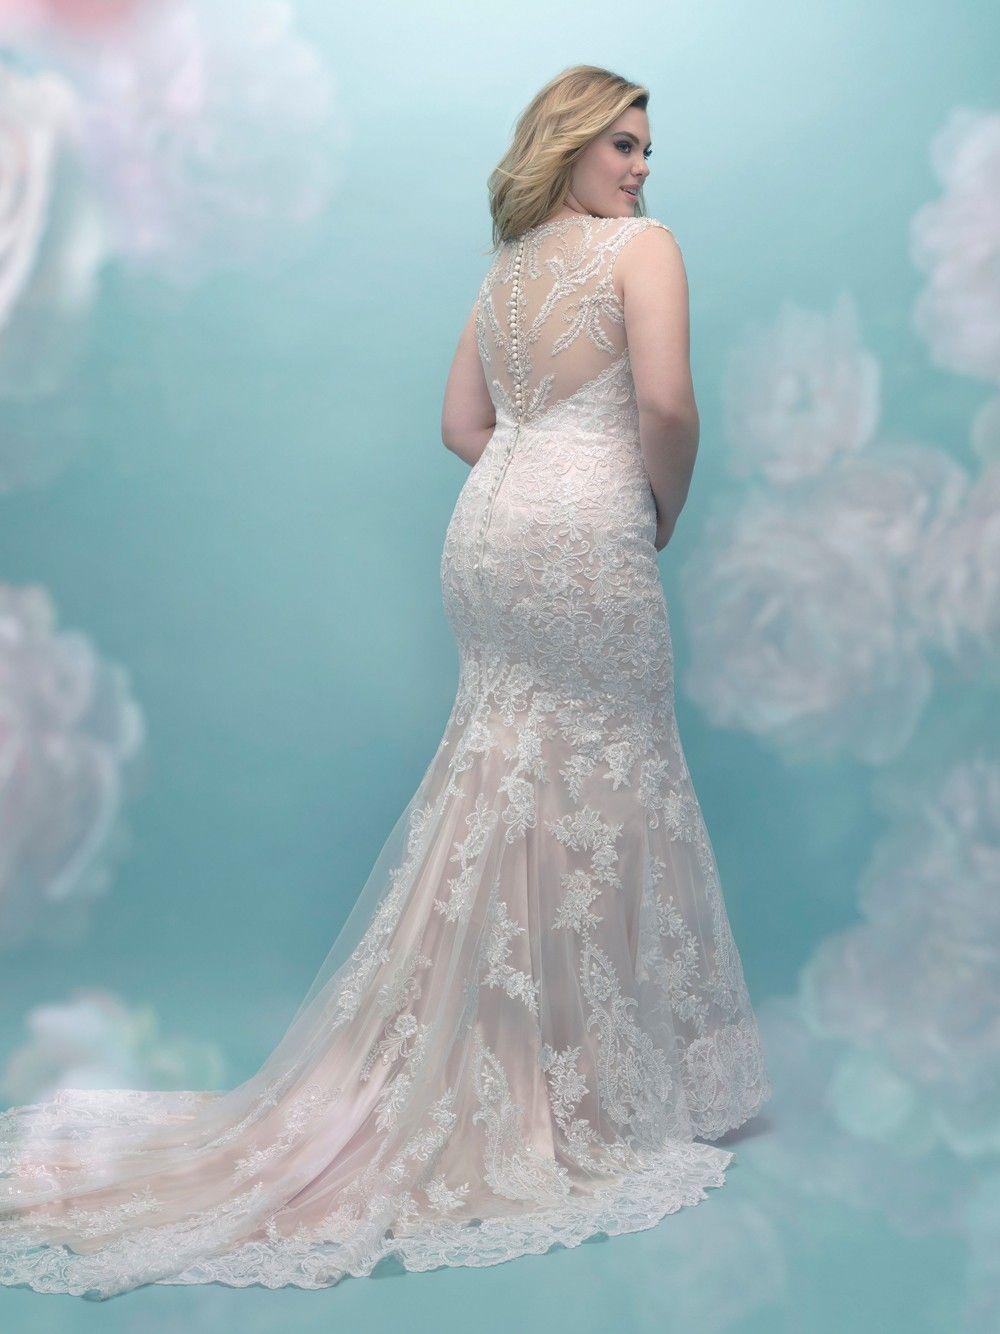 Allure Bridals W404 Bridal Gown Weddingdresses Wedding Bride Allurebridals Allure Plussize Wedding Wedding Dresses Womens Wedding Dresses Allure Bridal [ 1334 x 1000 Pixel ]